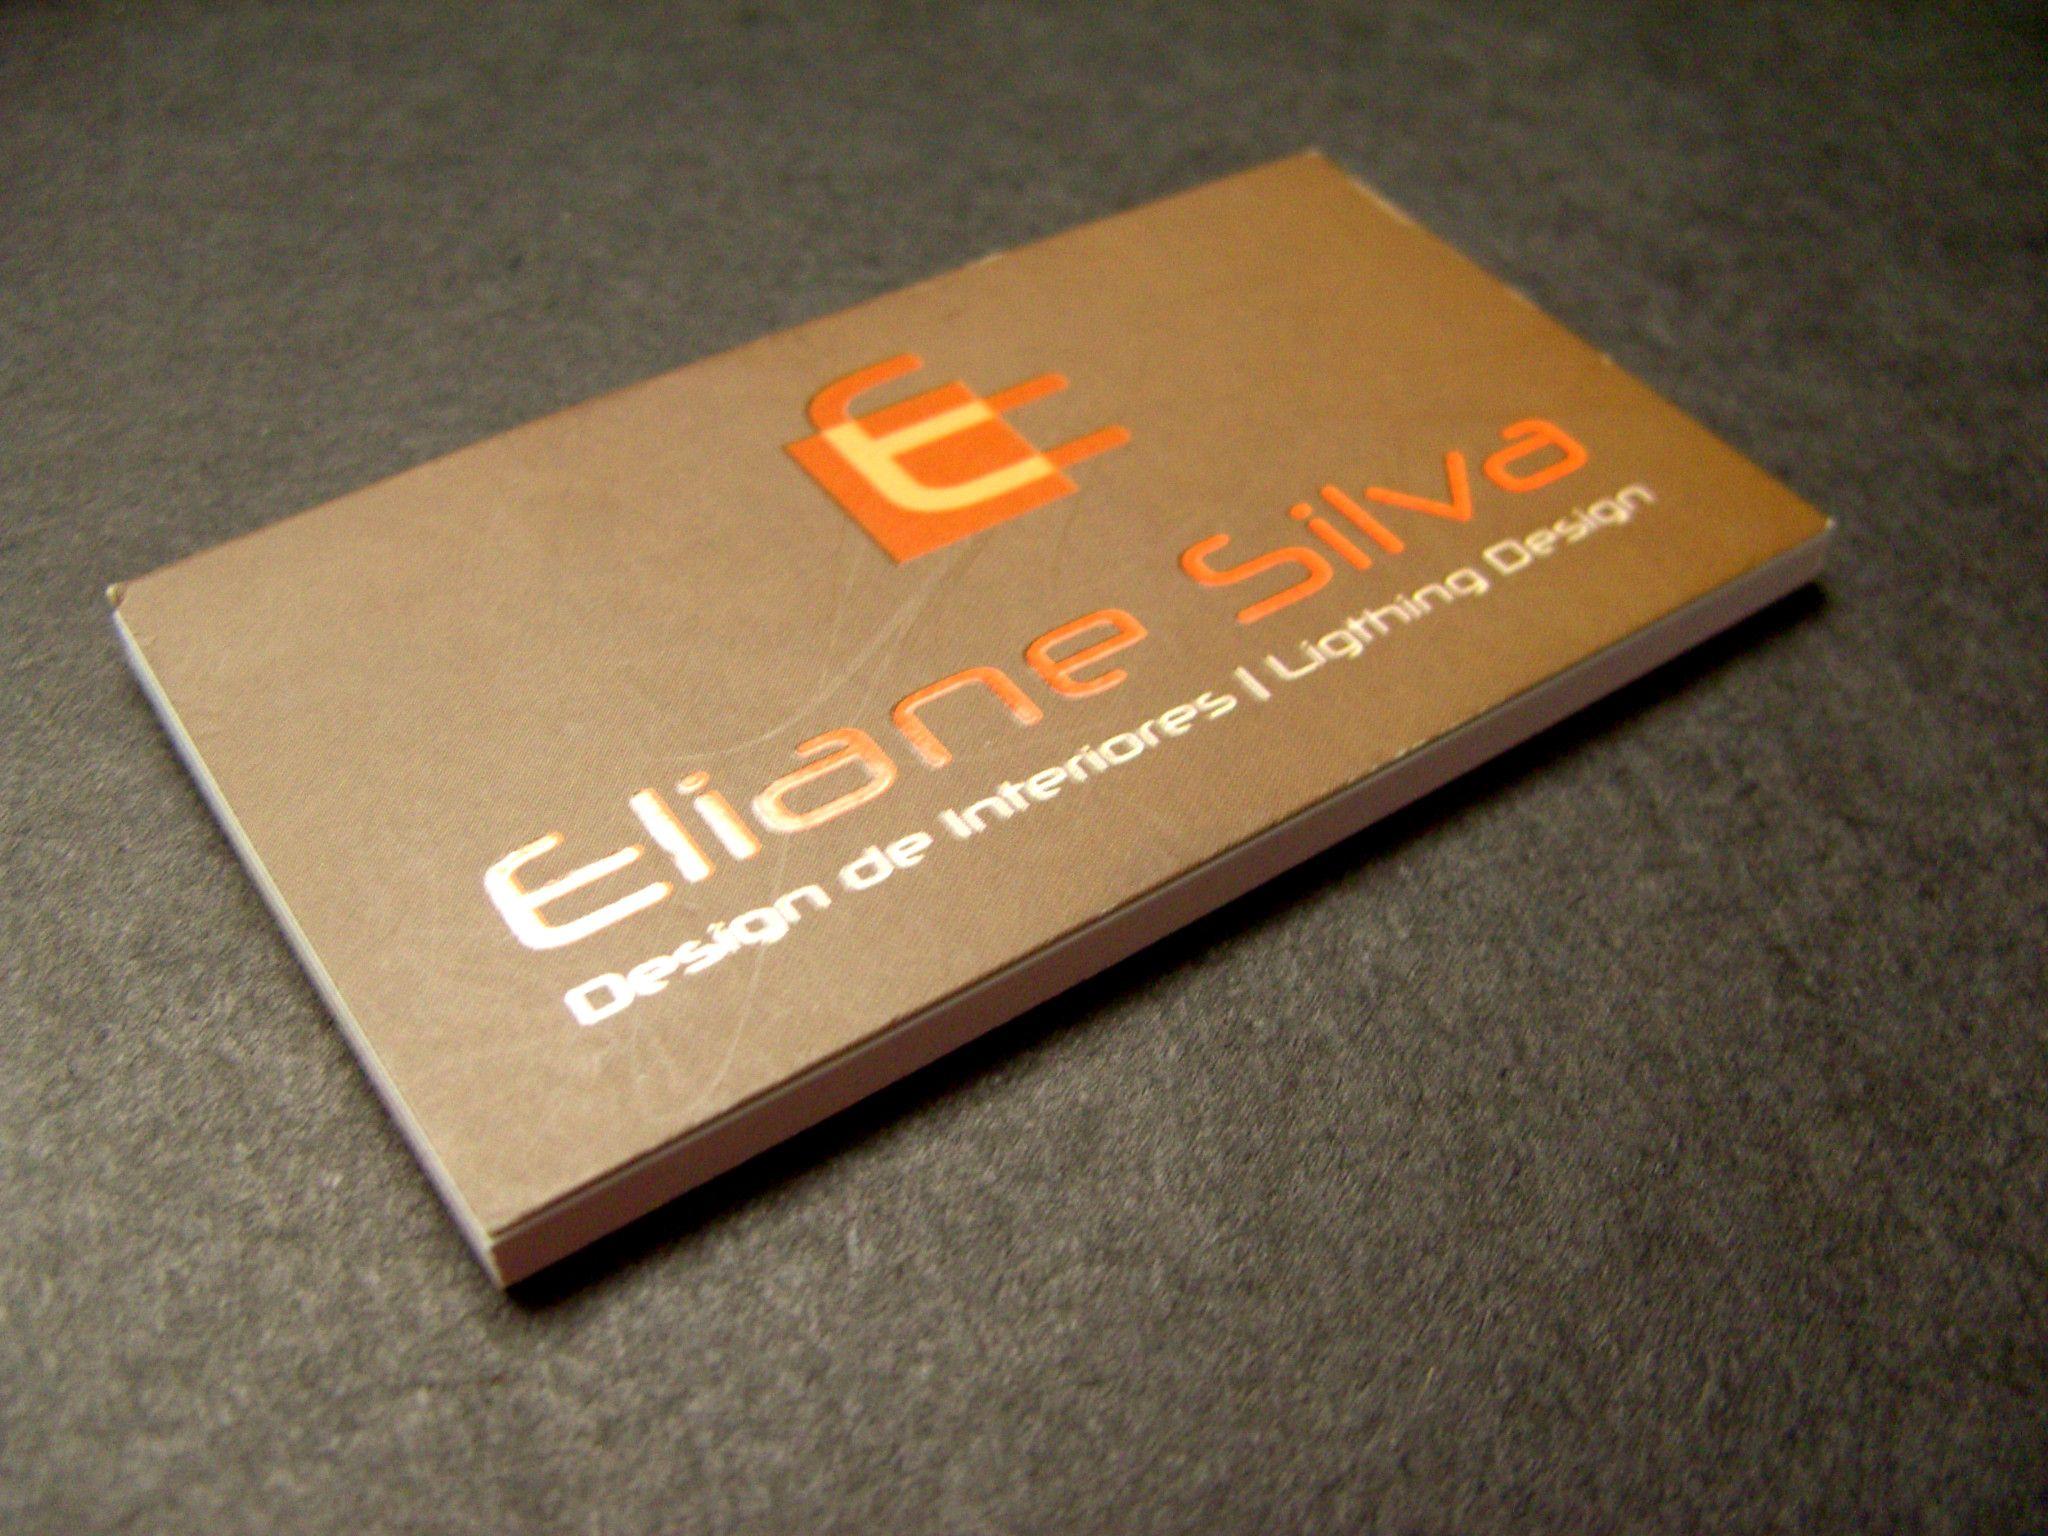 Cliente: Eliane Silva Designer (Frente) - Cartão Couché 300g laminação fosca e verniz local